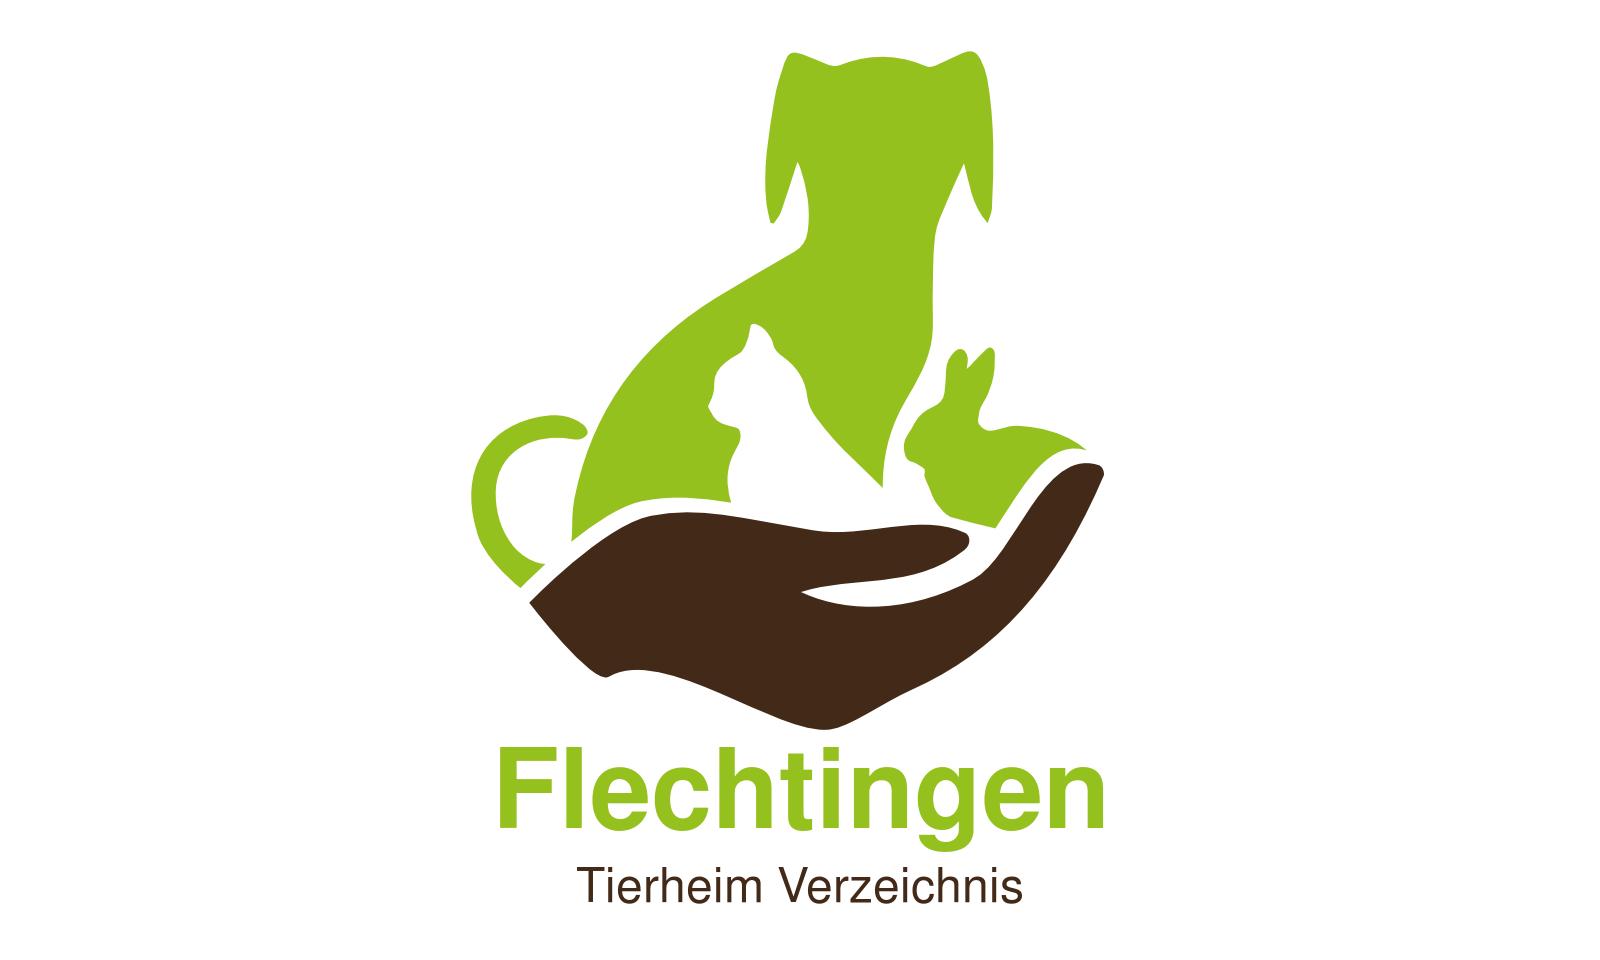 Tierheim Flechtingen